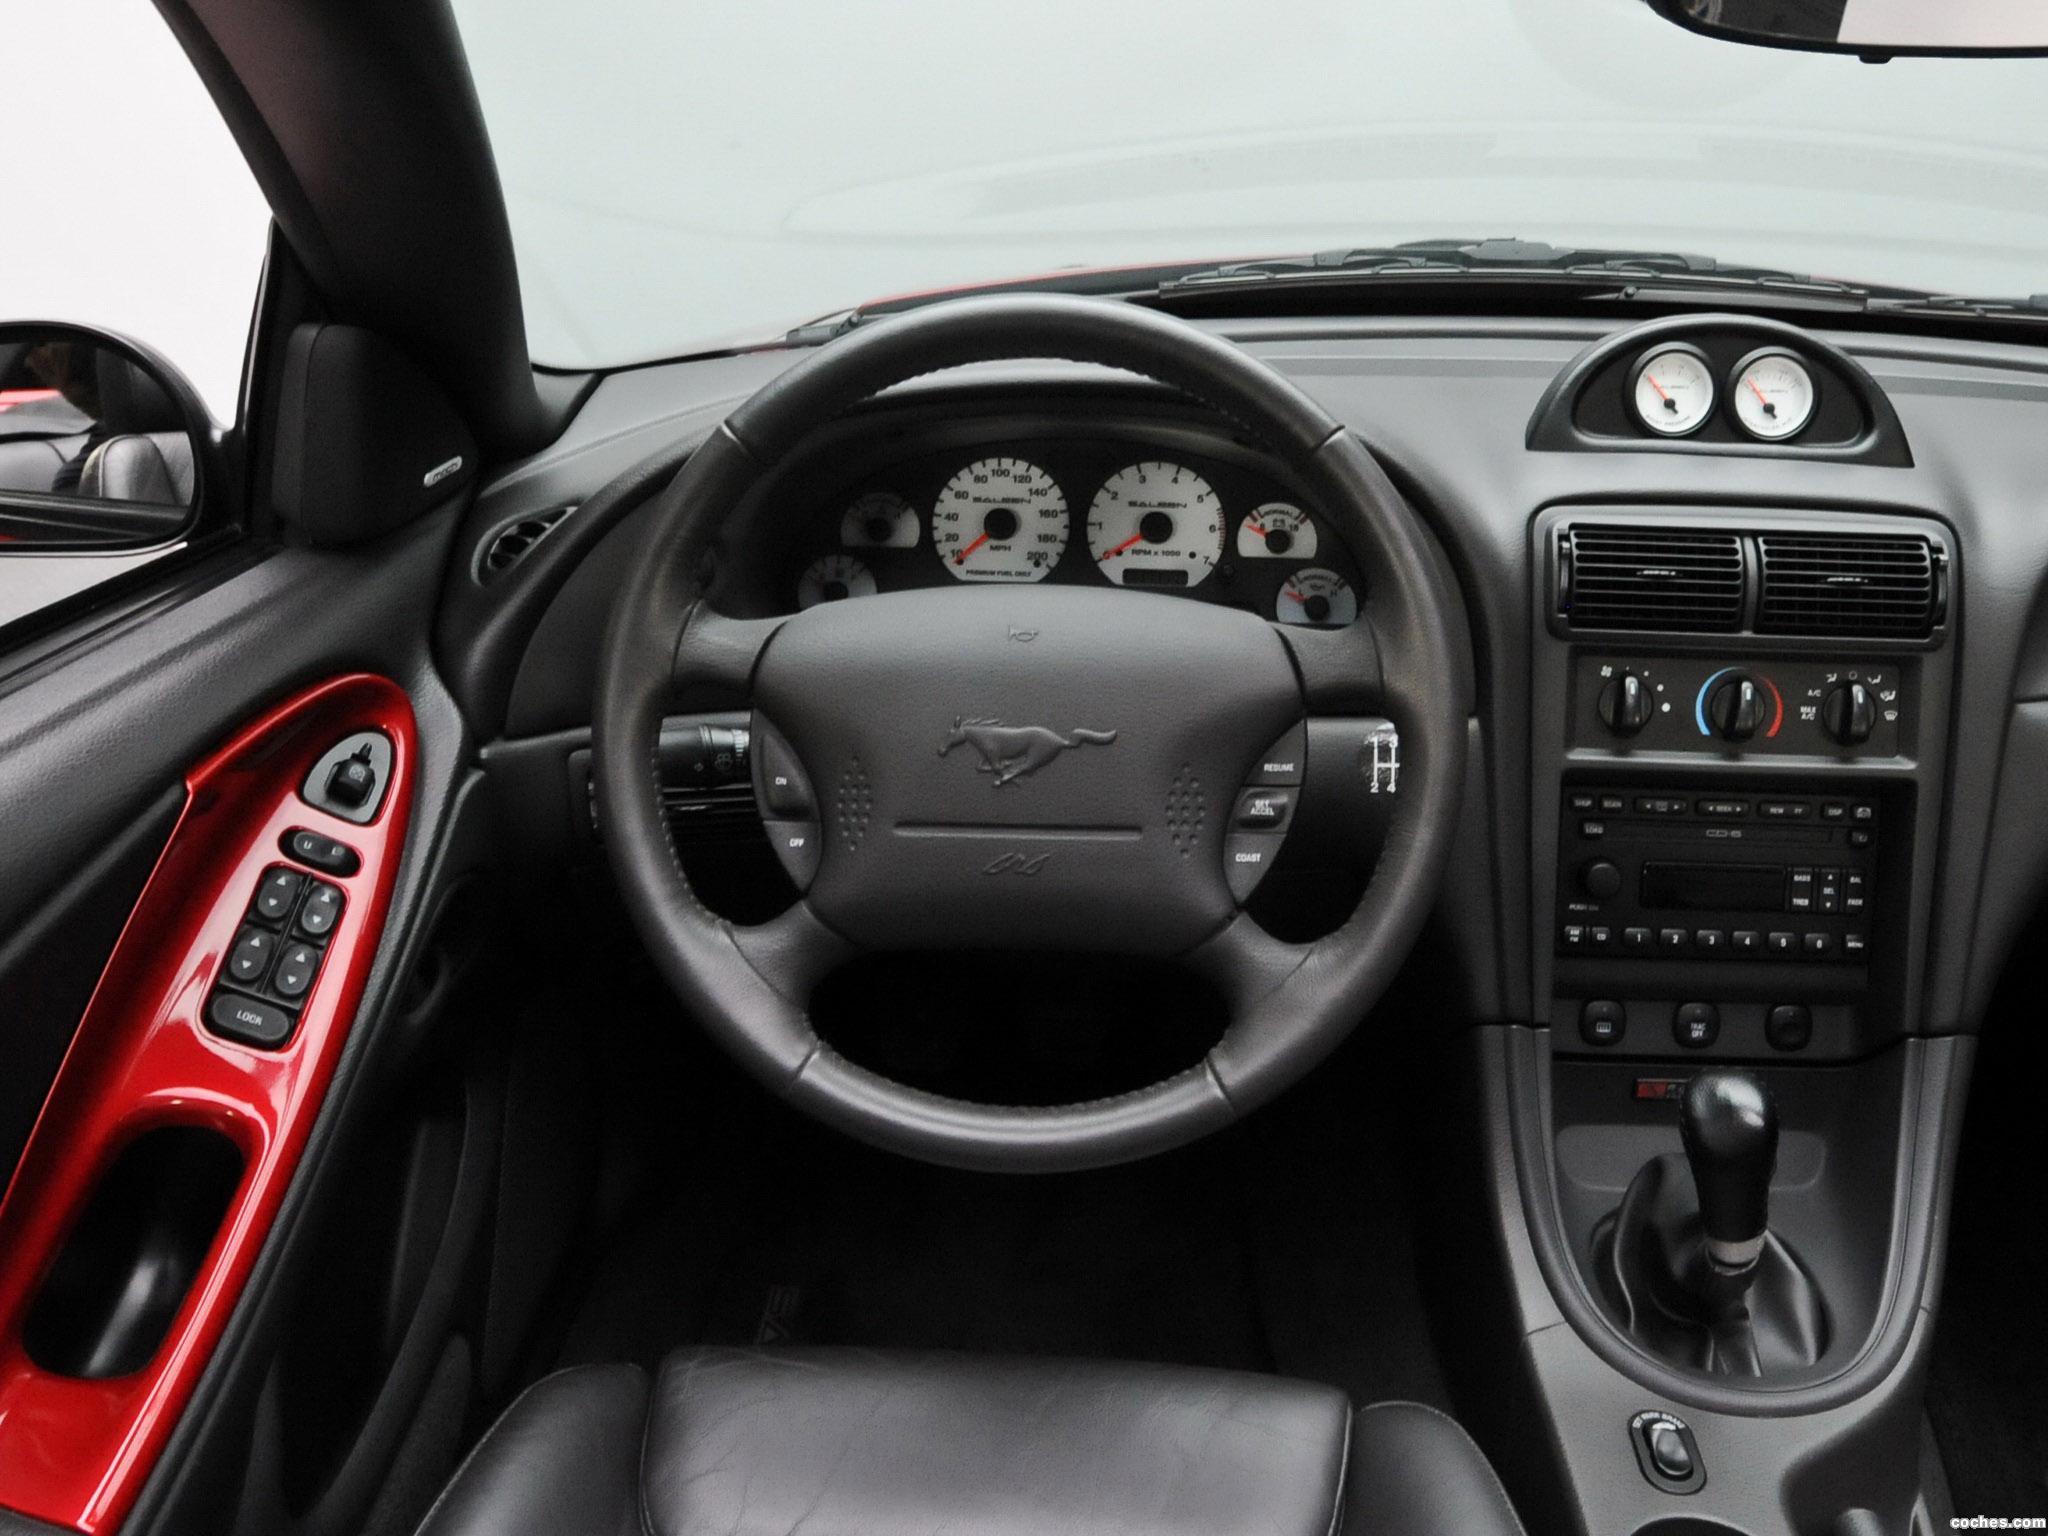 Foto 11 de Ford Saleen Mustang S281 SC Eextrime Speedster 2003